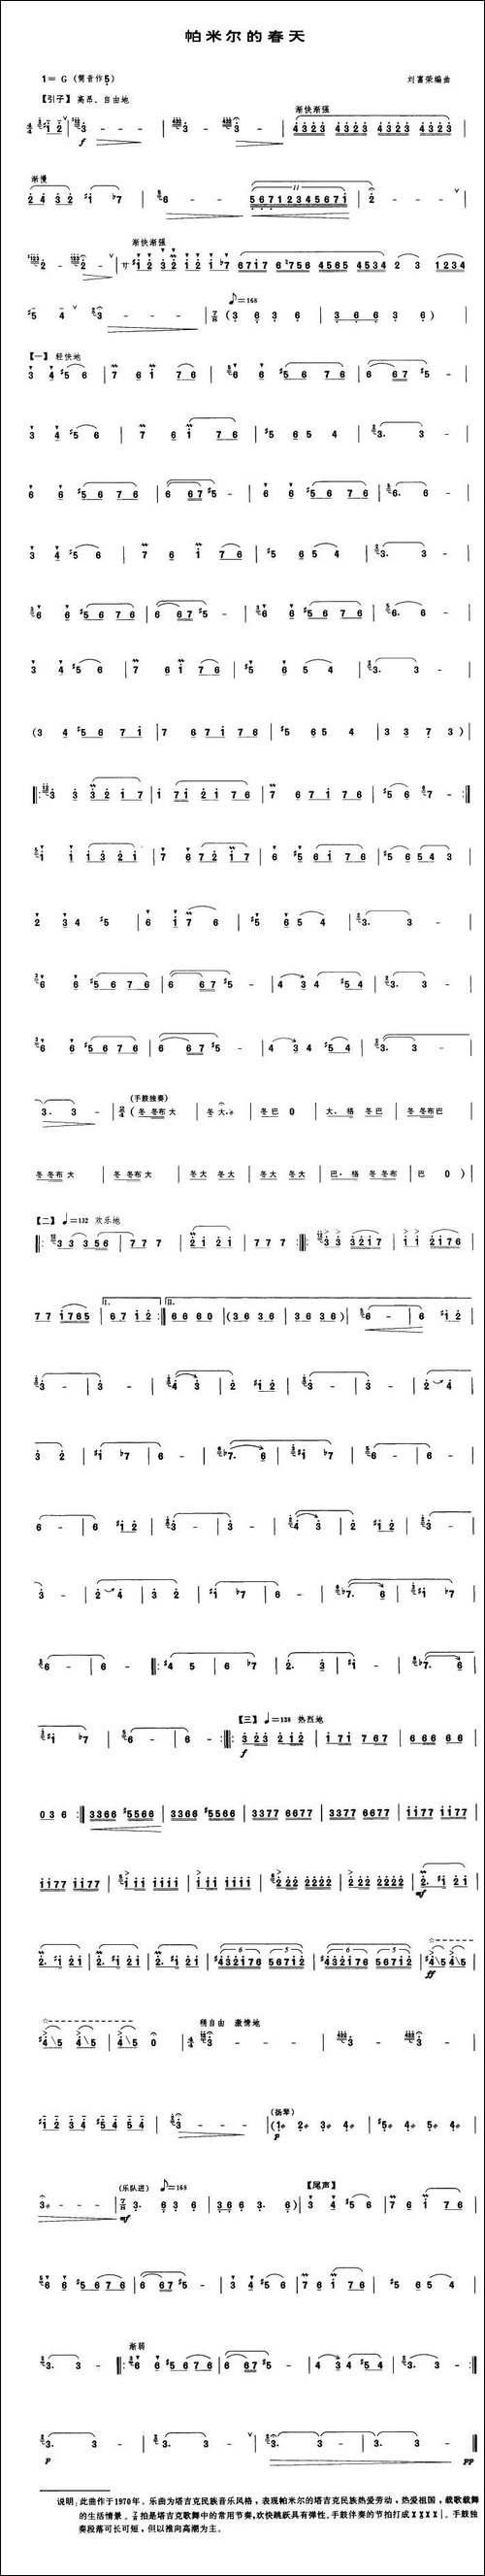 帕米尔的春天-刘富荣编曲版-笛箫间谱 笛箫谱